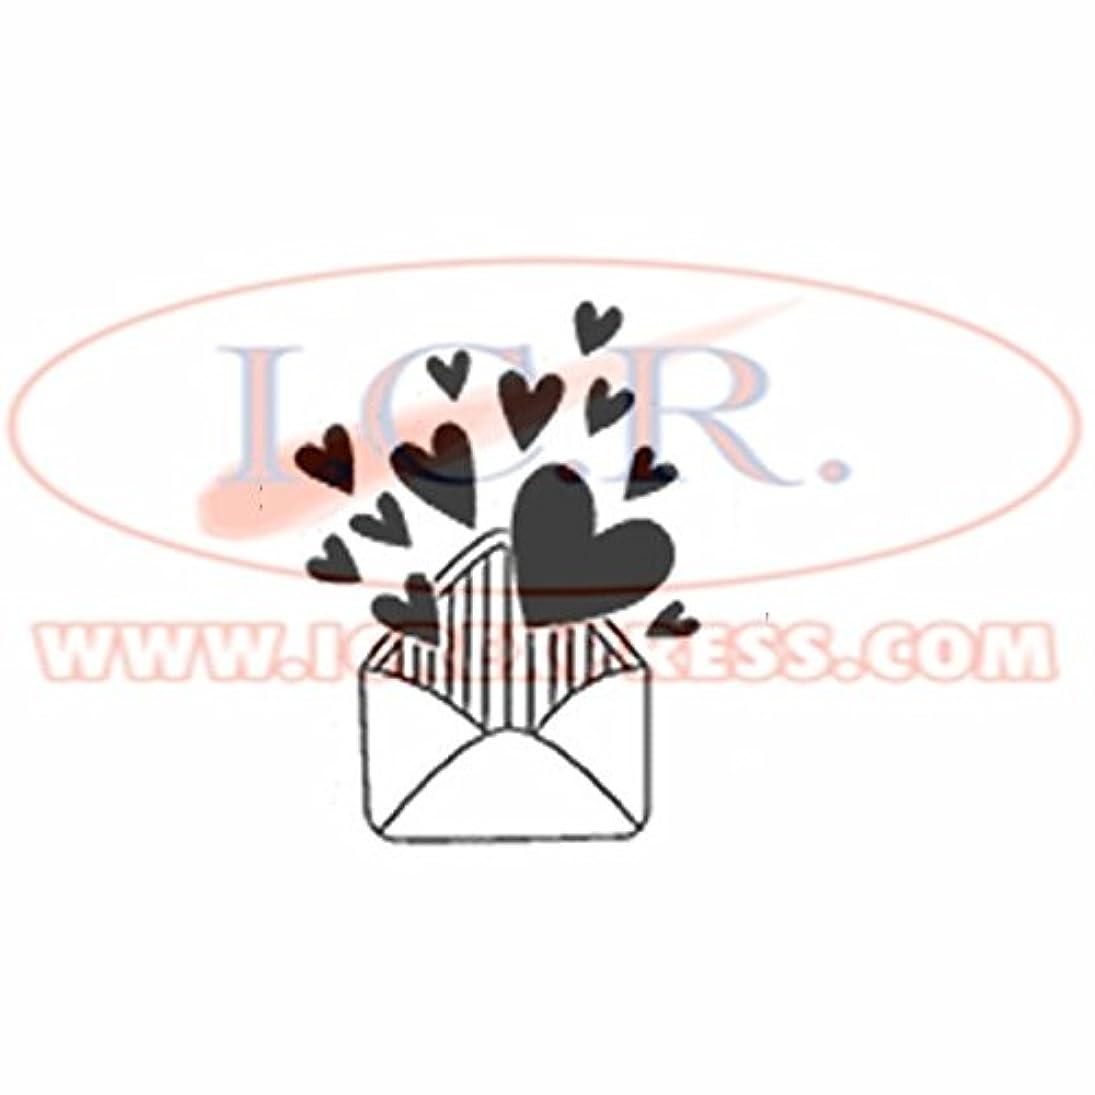 Artemio Stamp Love Heart Envelope, Wood, Black, 16.5?x 2.5?x 26.8?cm snnyvayhsvq744